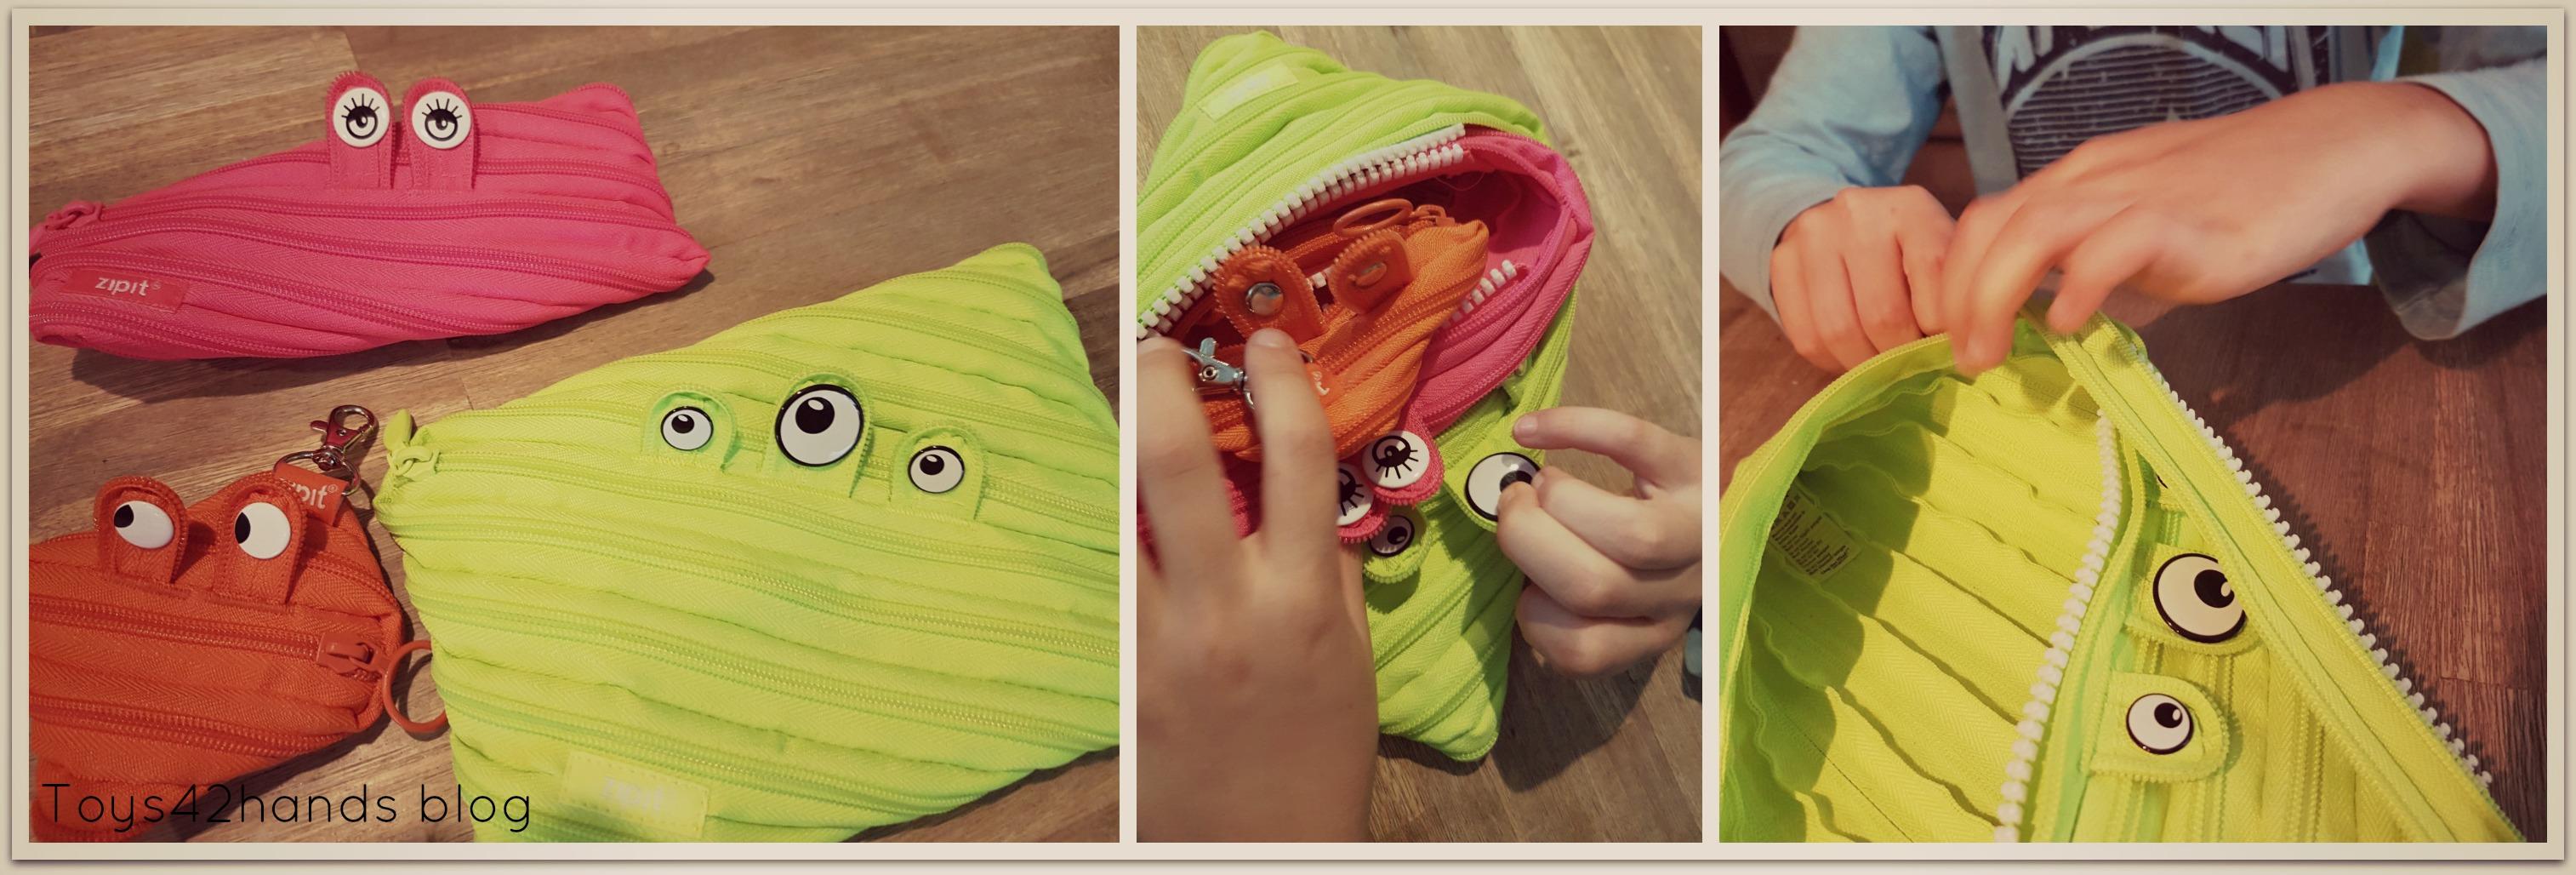 Tweehandig Rits Open Zipit Monster Toys42hands